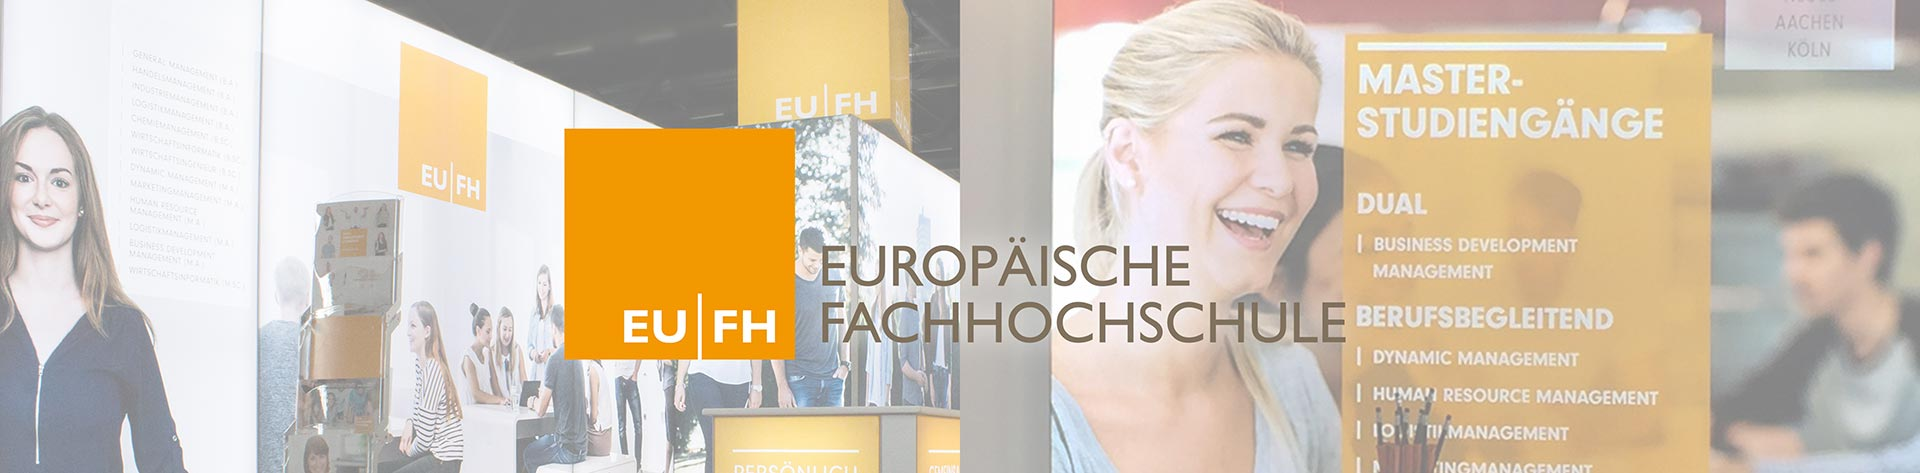 Case Study EUFH Header